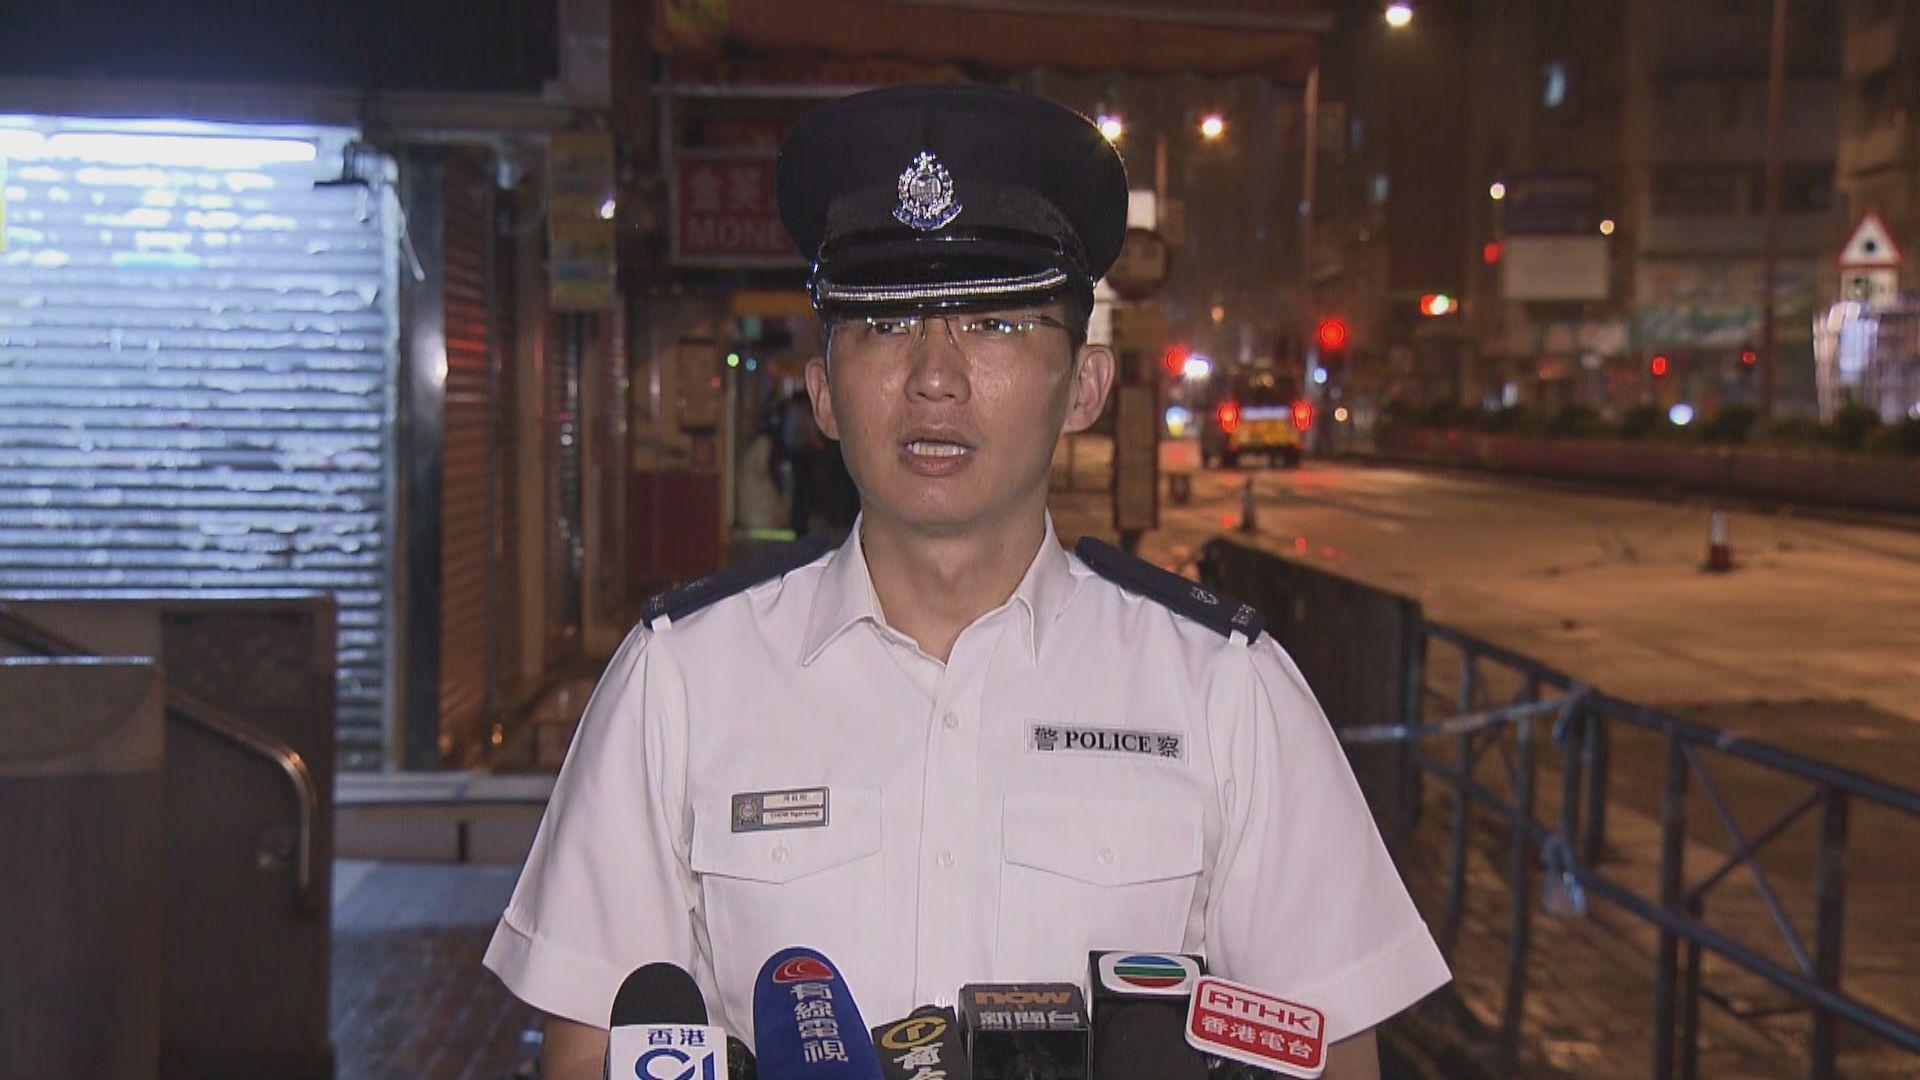 深水埗懷疑槍擊案 警方已鎖定一名本地男子